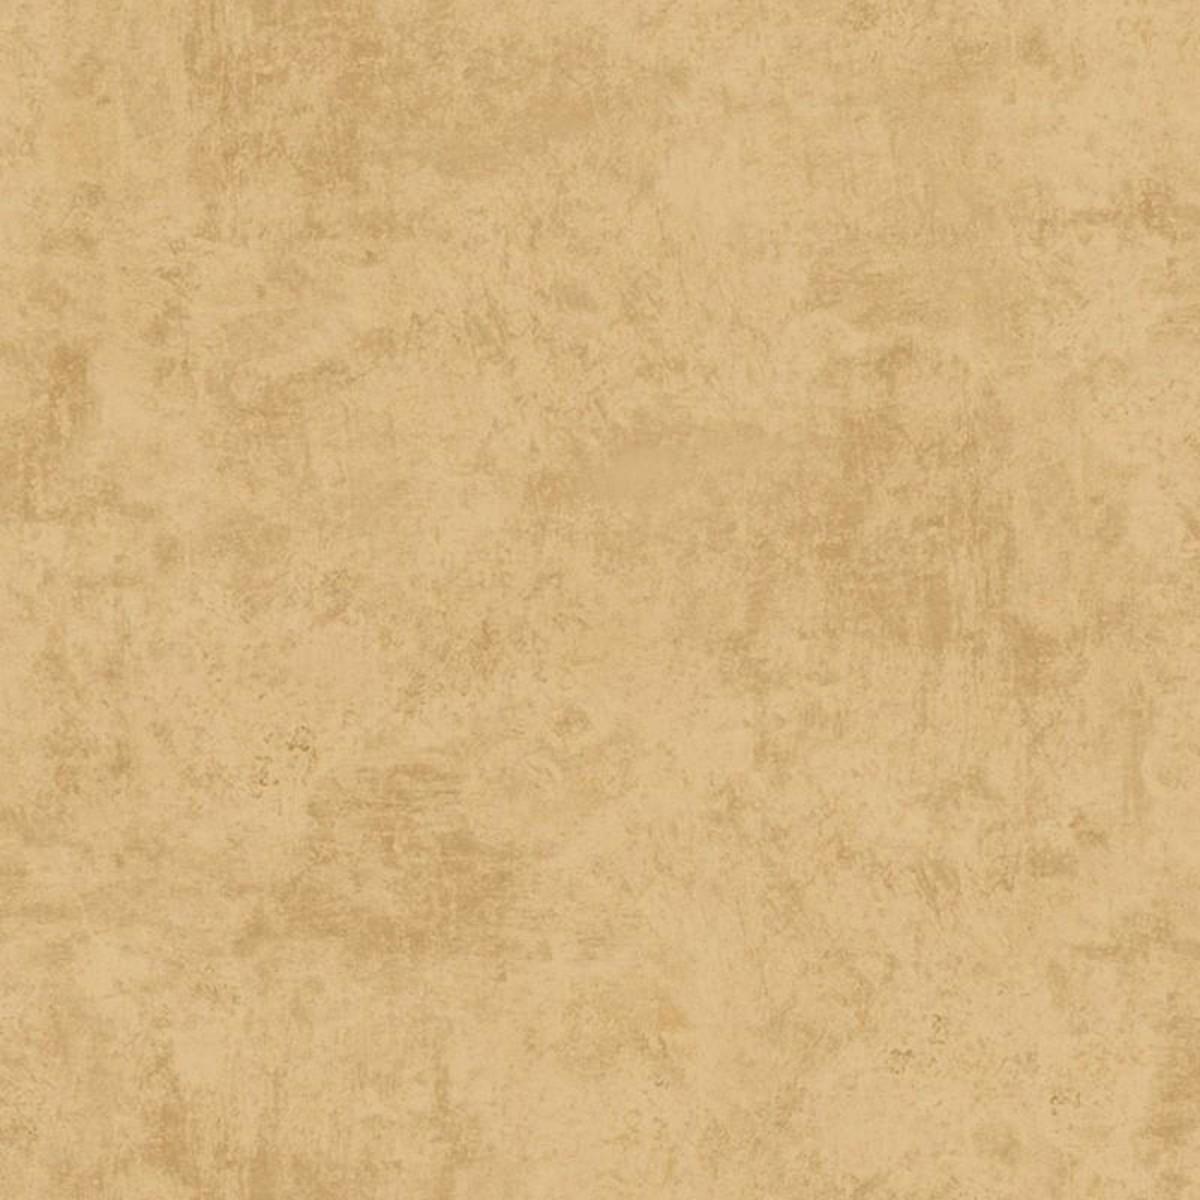 Обои флизелиновые Decoprint Tuscany коричневые 0.53 м TU17506